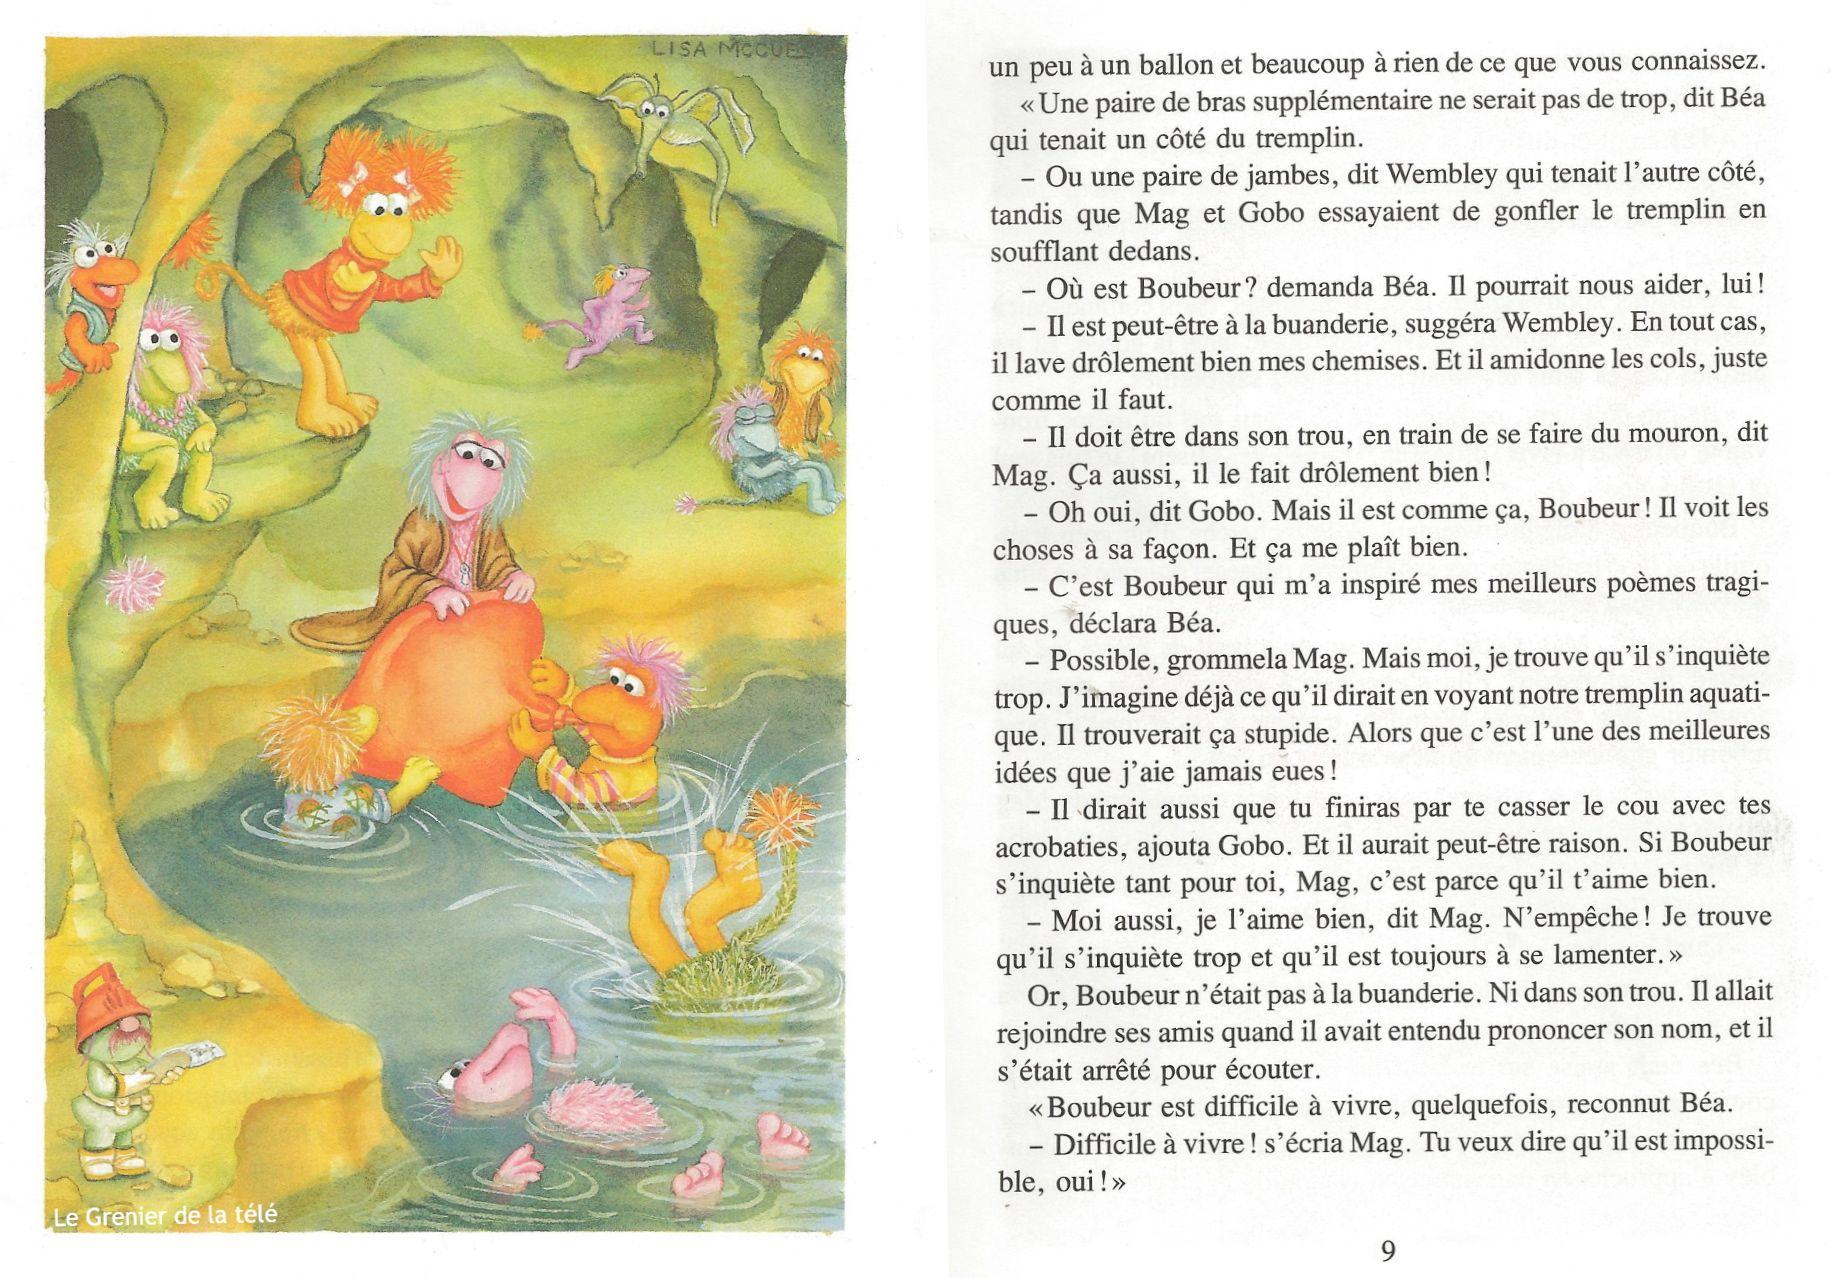 http://grenierdelatv.free.fr/2/fraggleboubeur05.jpg